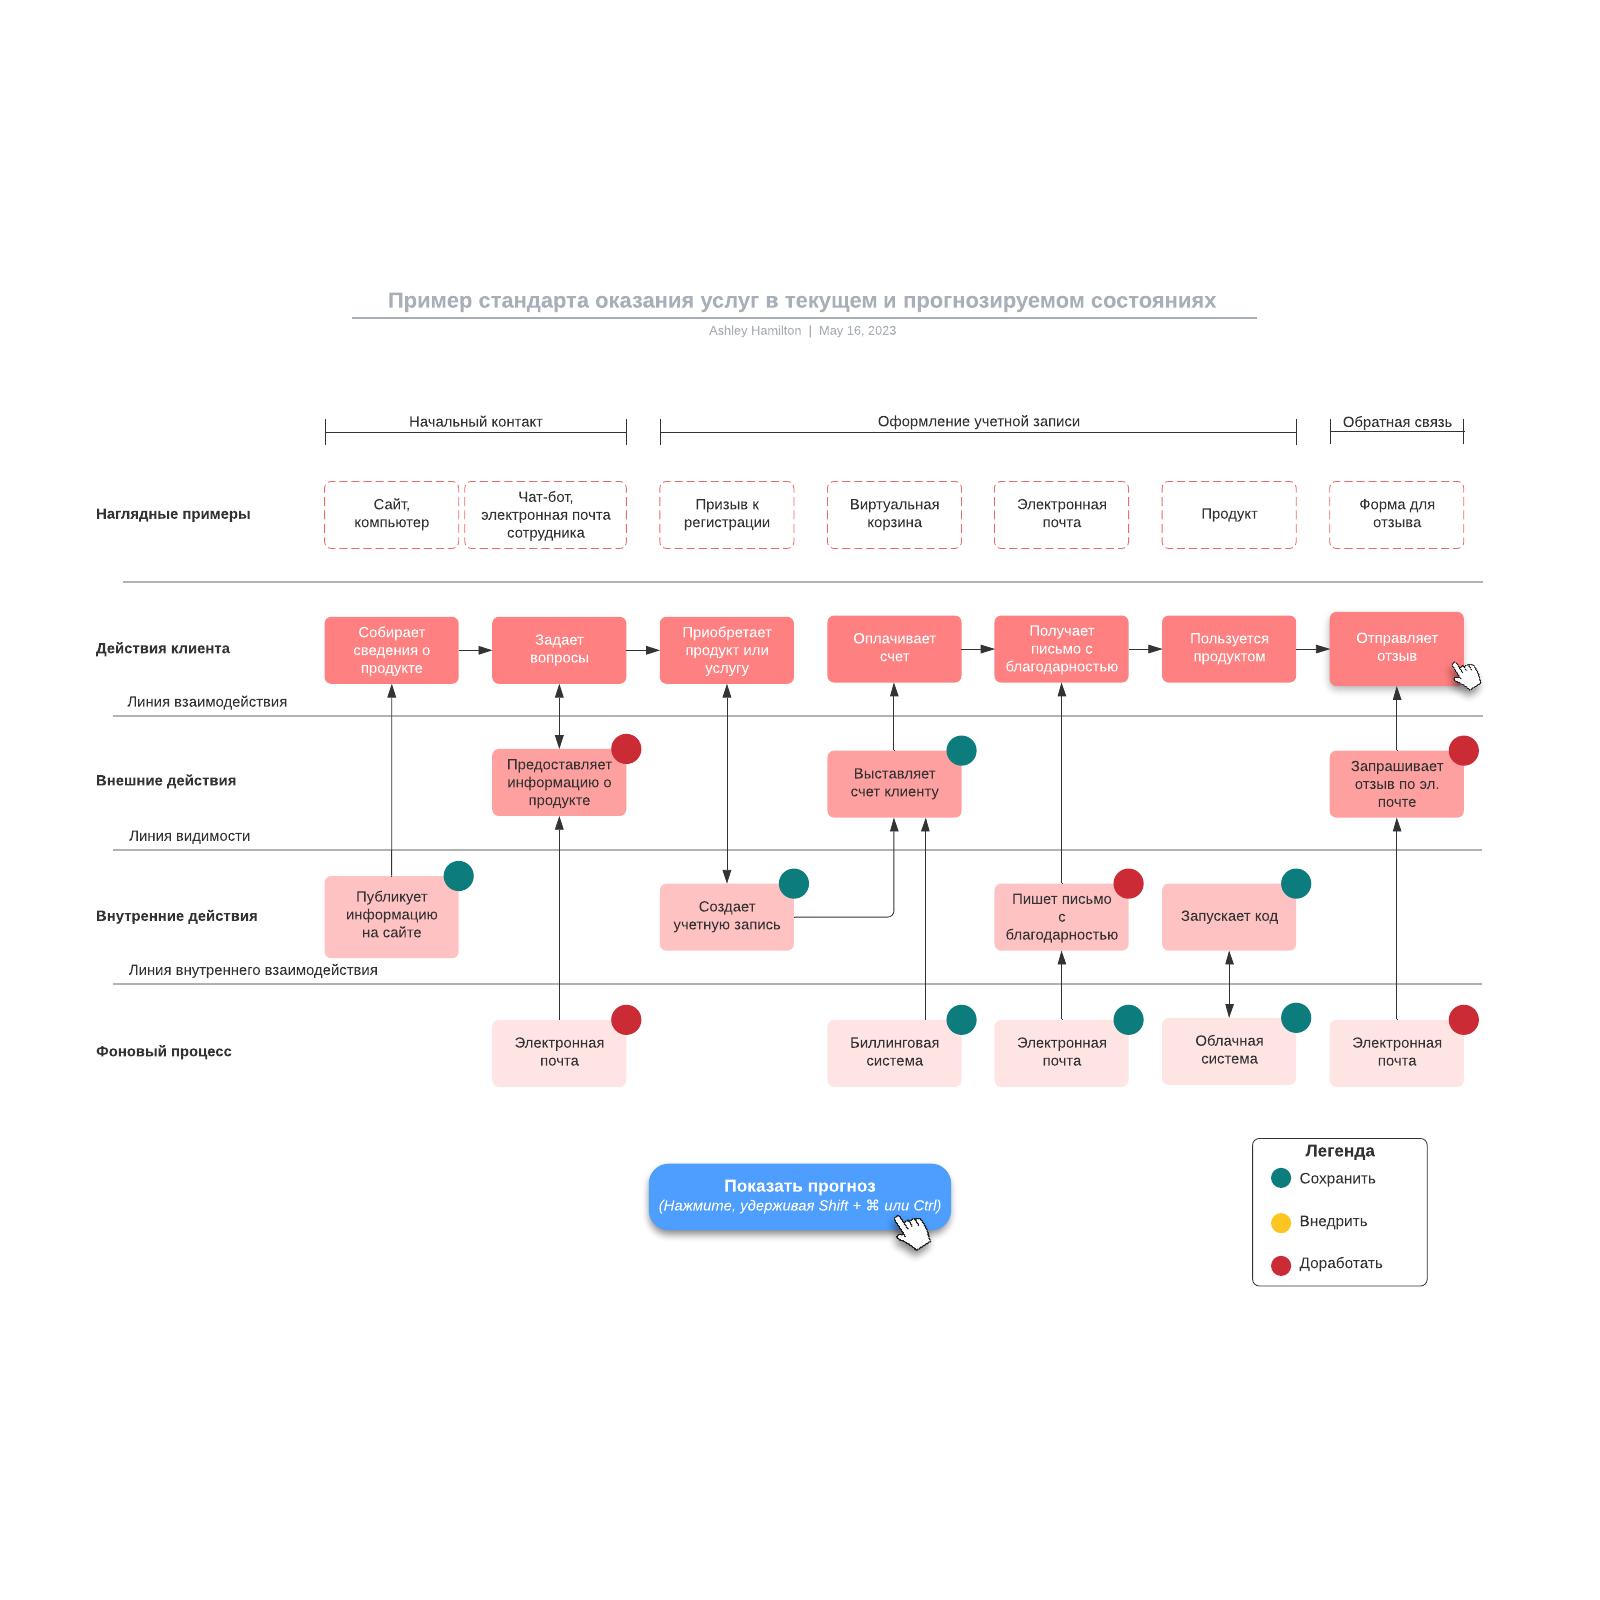 Пример стандарта оказания услуг в текущем и прогнозируемом состояниях